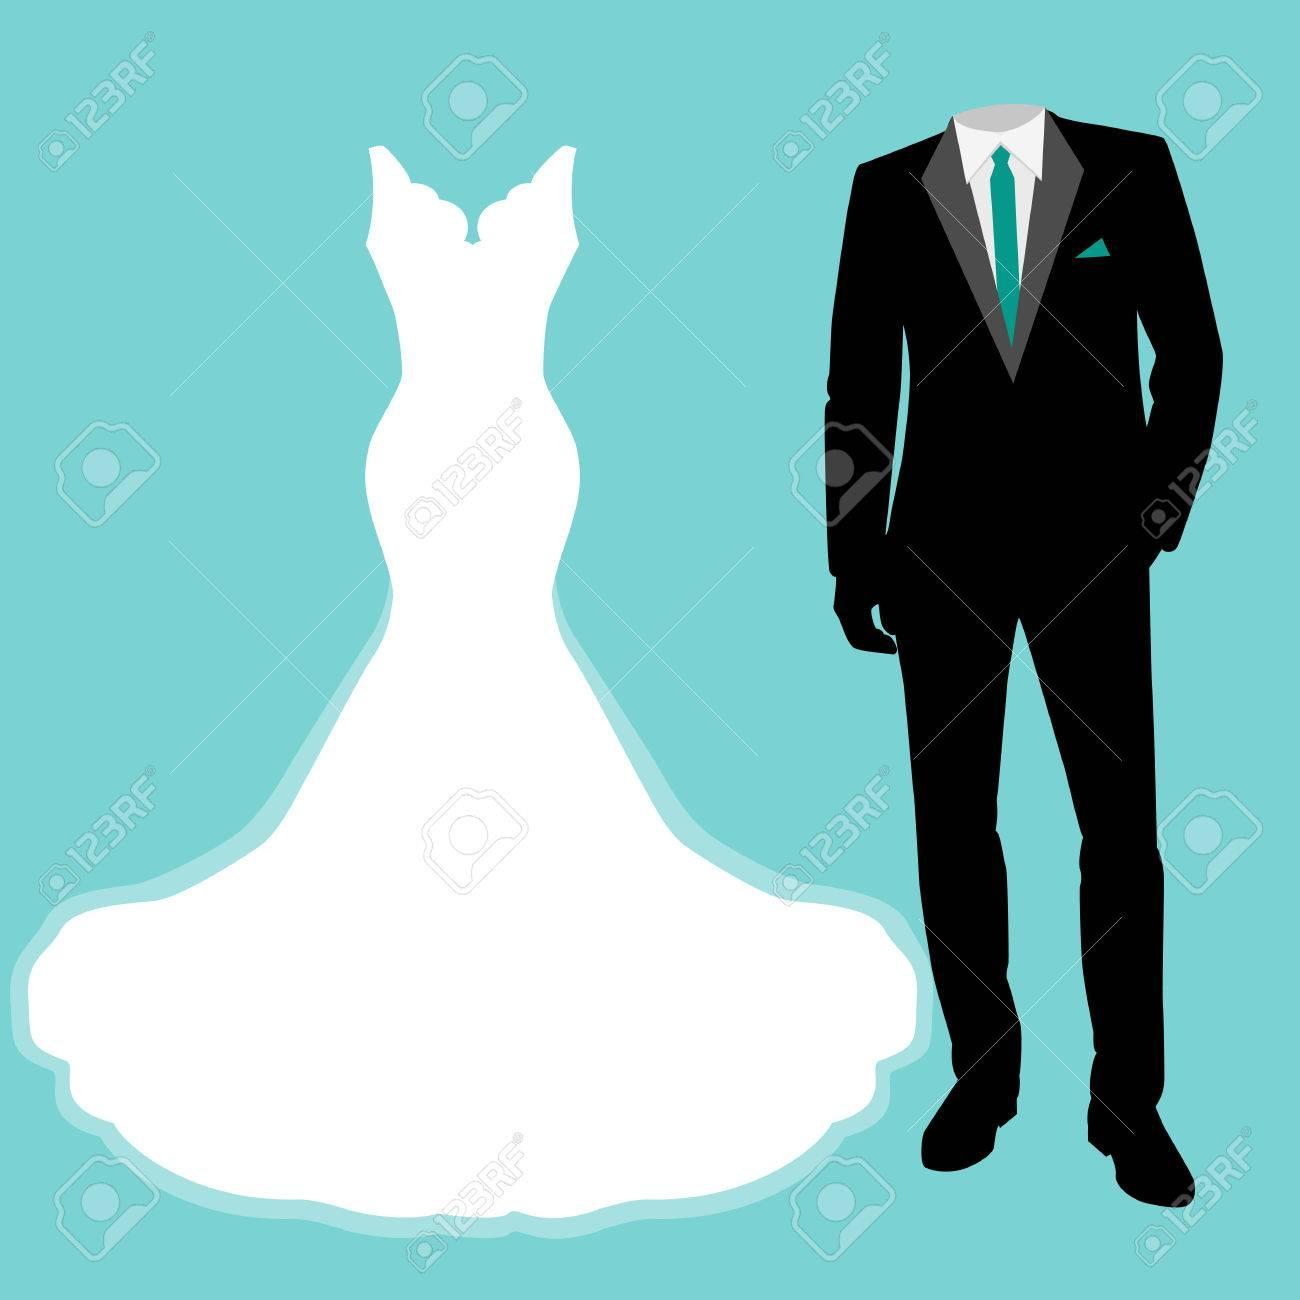 905d60b34 Tarjeta de boda con la ropa de la novia y el novio. Hermoso vestido de  novia y esmoquin. Ilustración del vector.